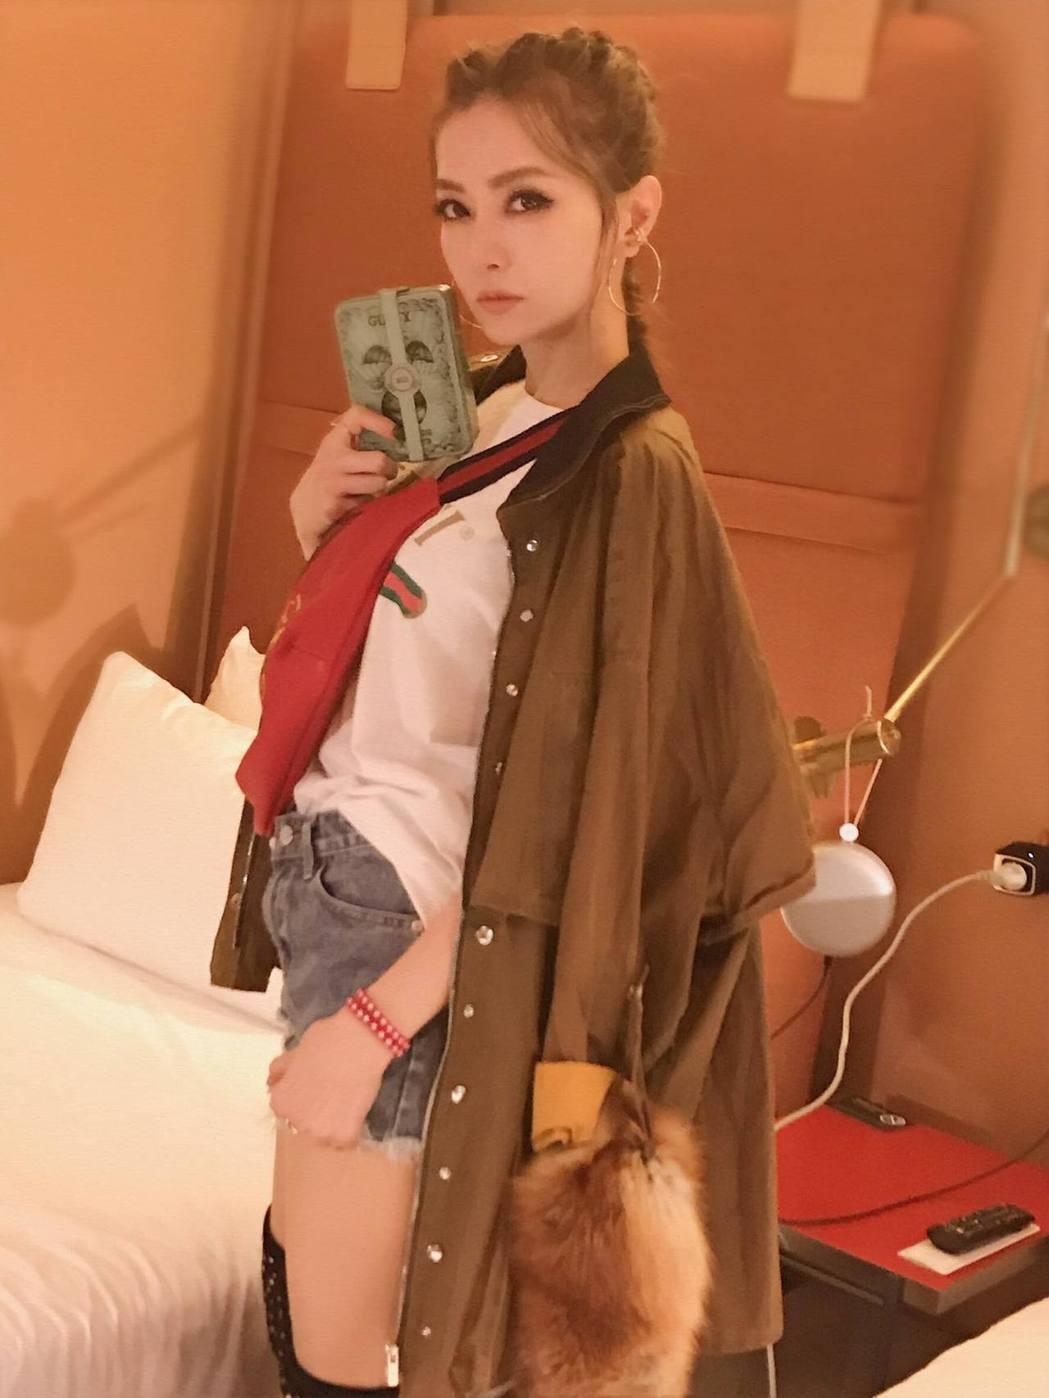 謝金燕前進米蘭時裝周,臉變了一個人。 圖/擷自VOGUE Taiwan臉書